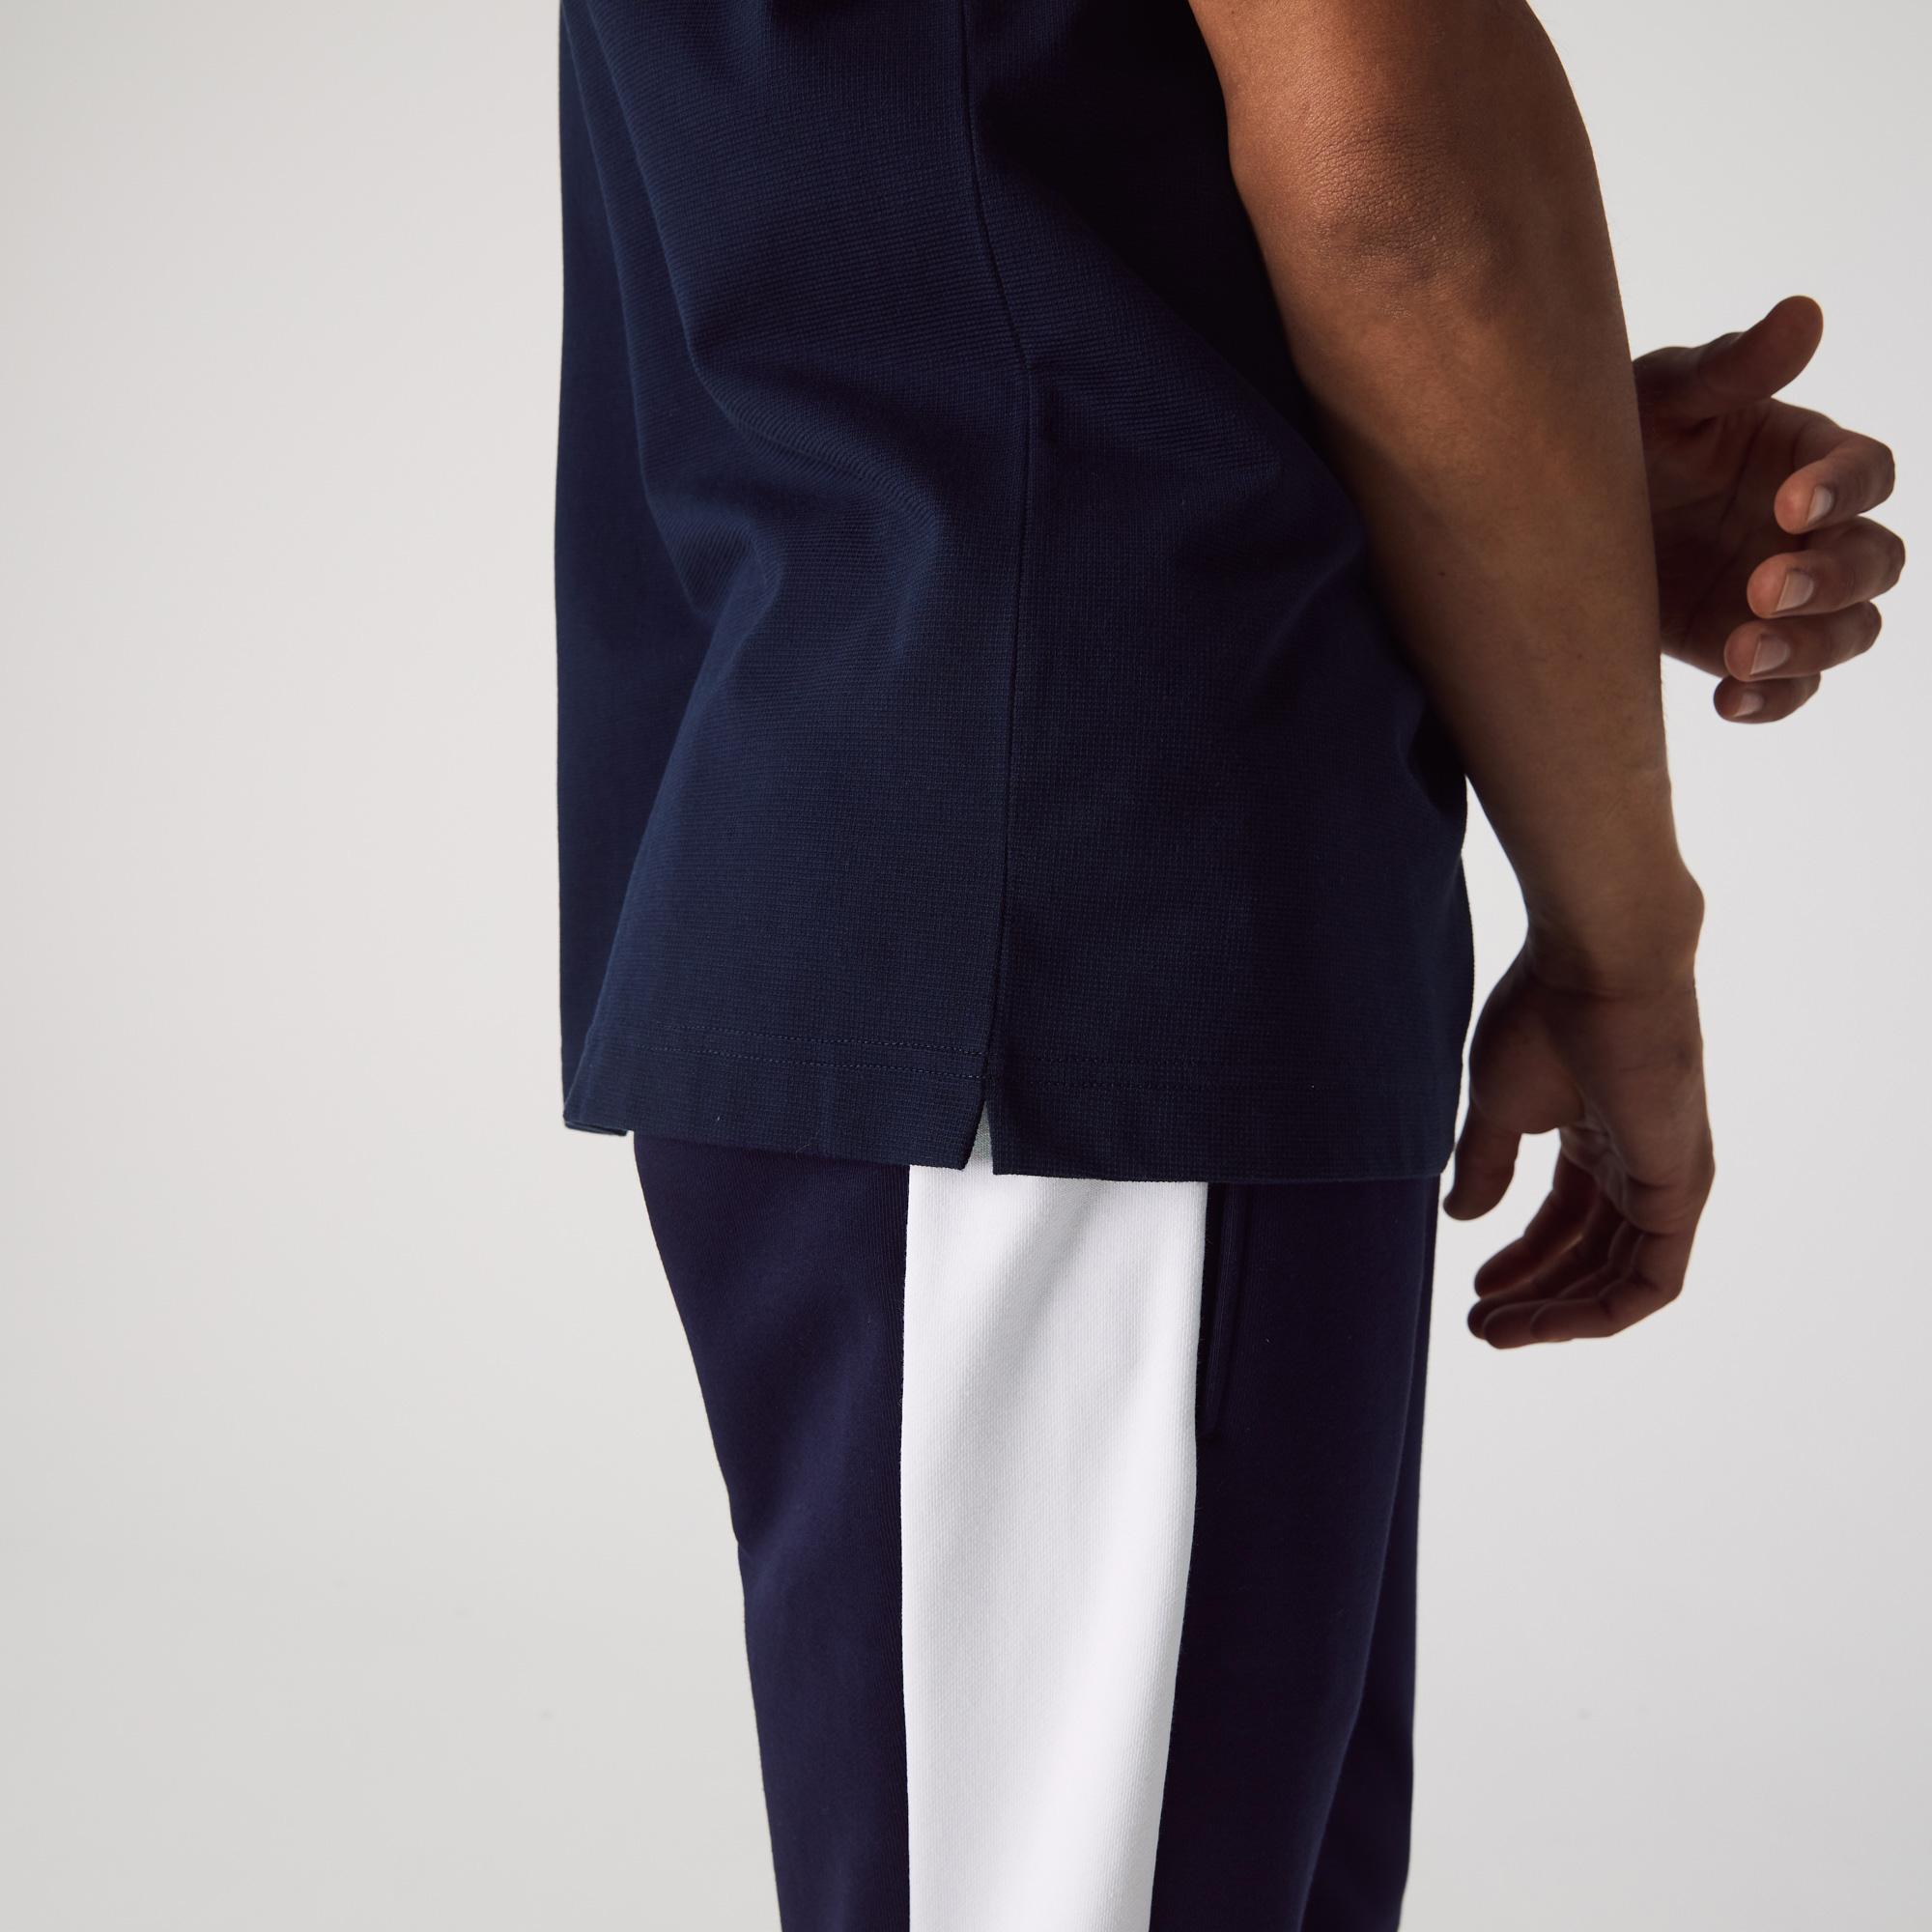 Lacoste Men's SPORT Tennis Regular Fit Polo in Ultra-lightweight Knit